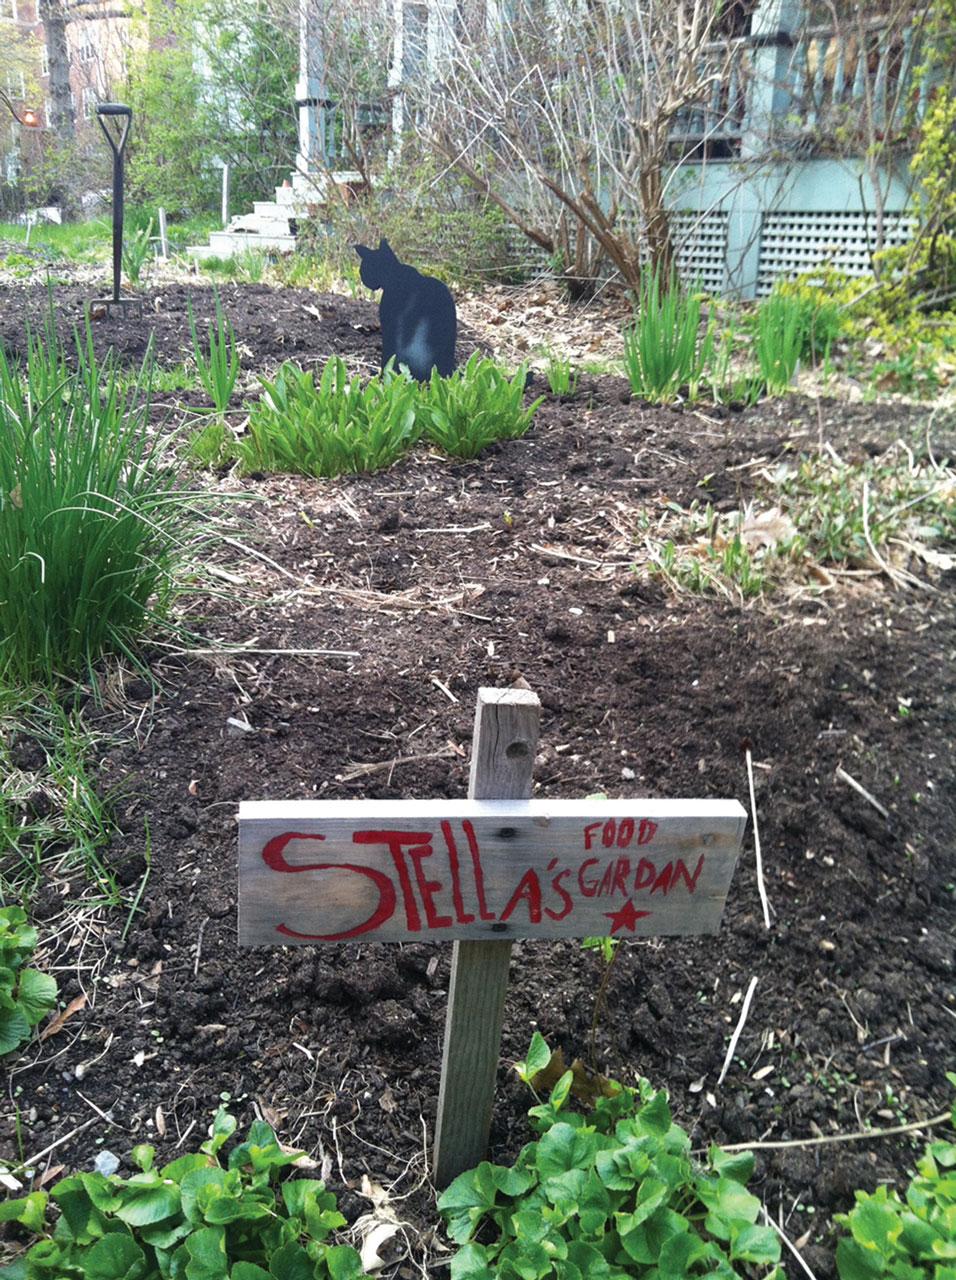 Stellas Food Garden